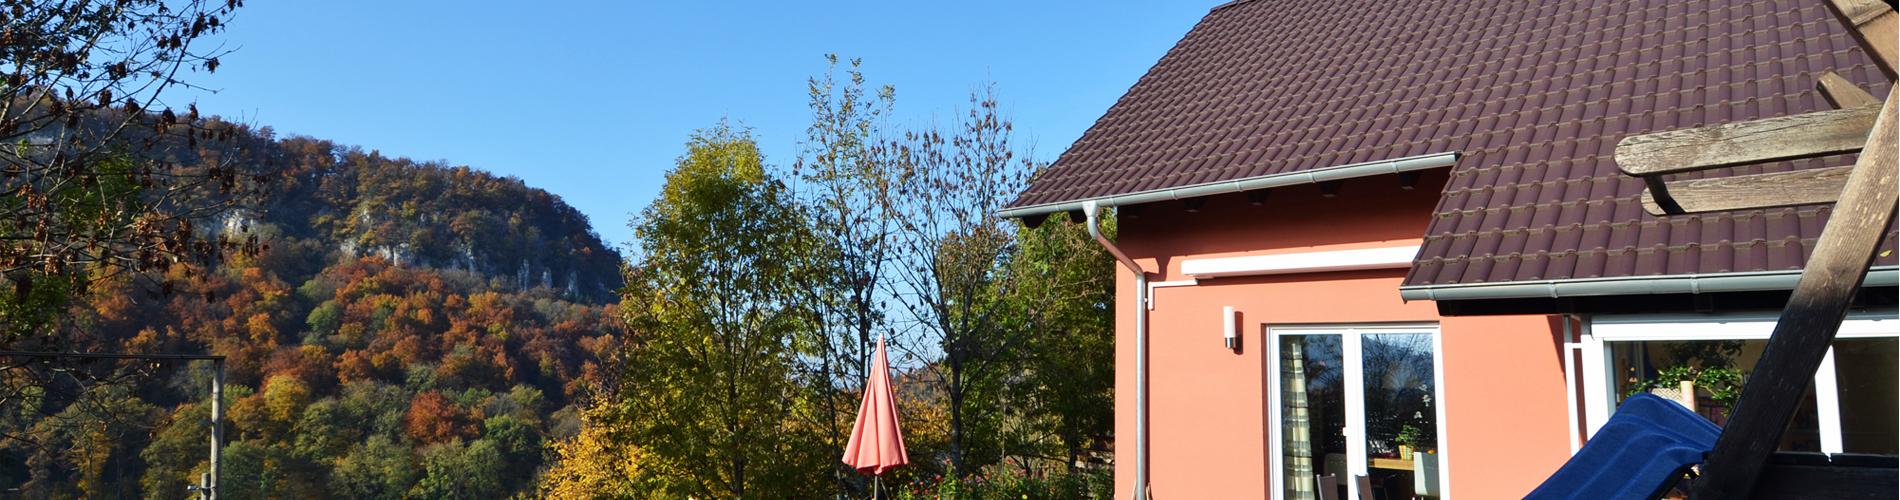 Freistehendes 4.5-Zi'-EFH mit schönem Garten und viel Aussicht in Duggingen